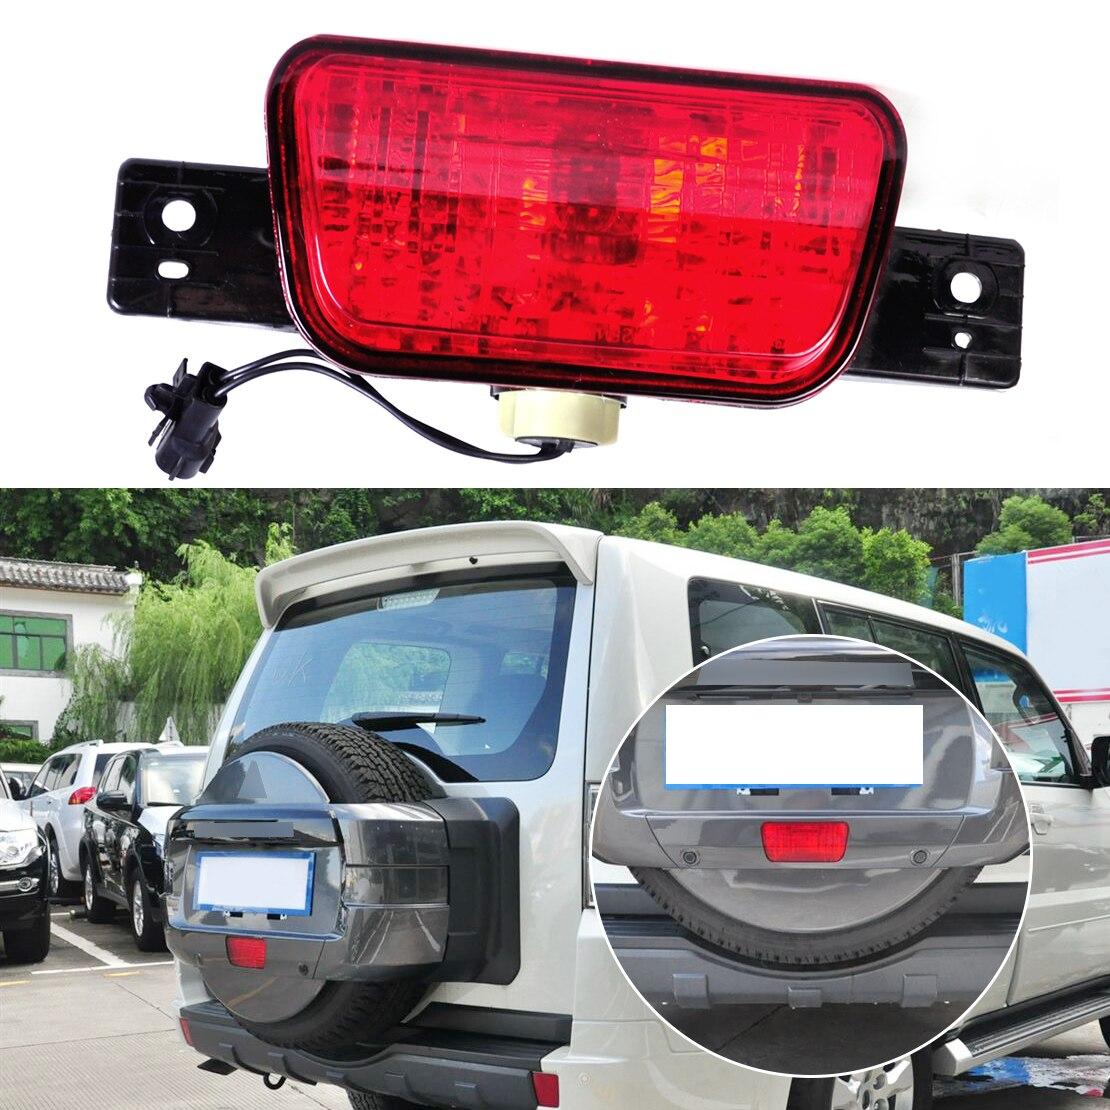 DWCX Rear Spare Tire Lamp Tail Bumper Light Fog Lamp for Mitsubishi Pajero Shogun 2007 2008 2009 2010 2011 2012 2013 2014 2015 for vw passat b6 sedan 2006 2007 2008 2009 2010 2011 led rear tail light lamp left hand trafic only